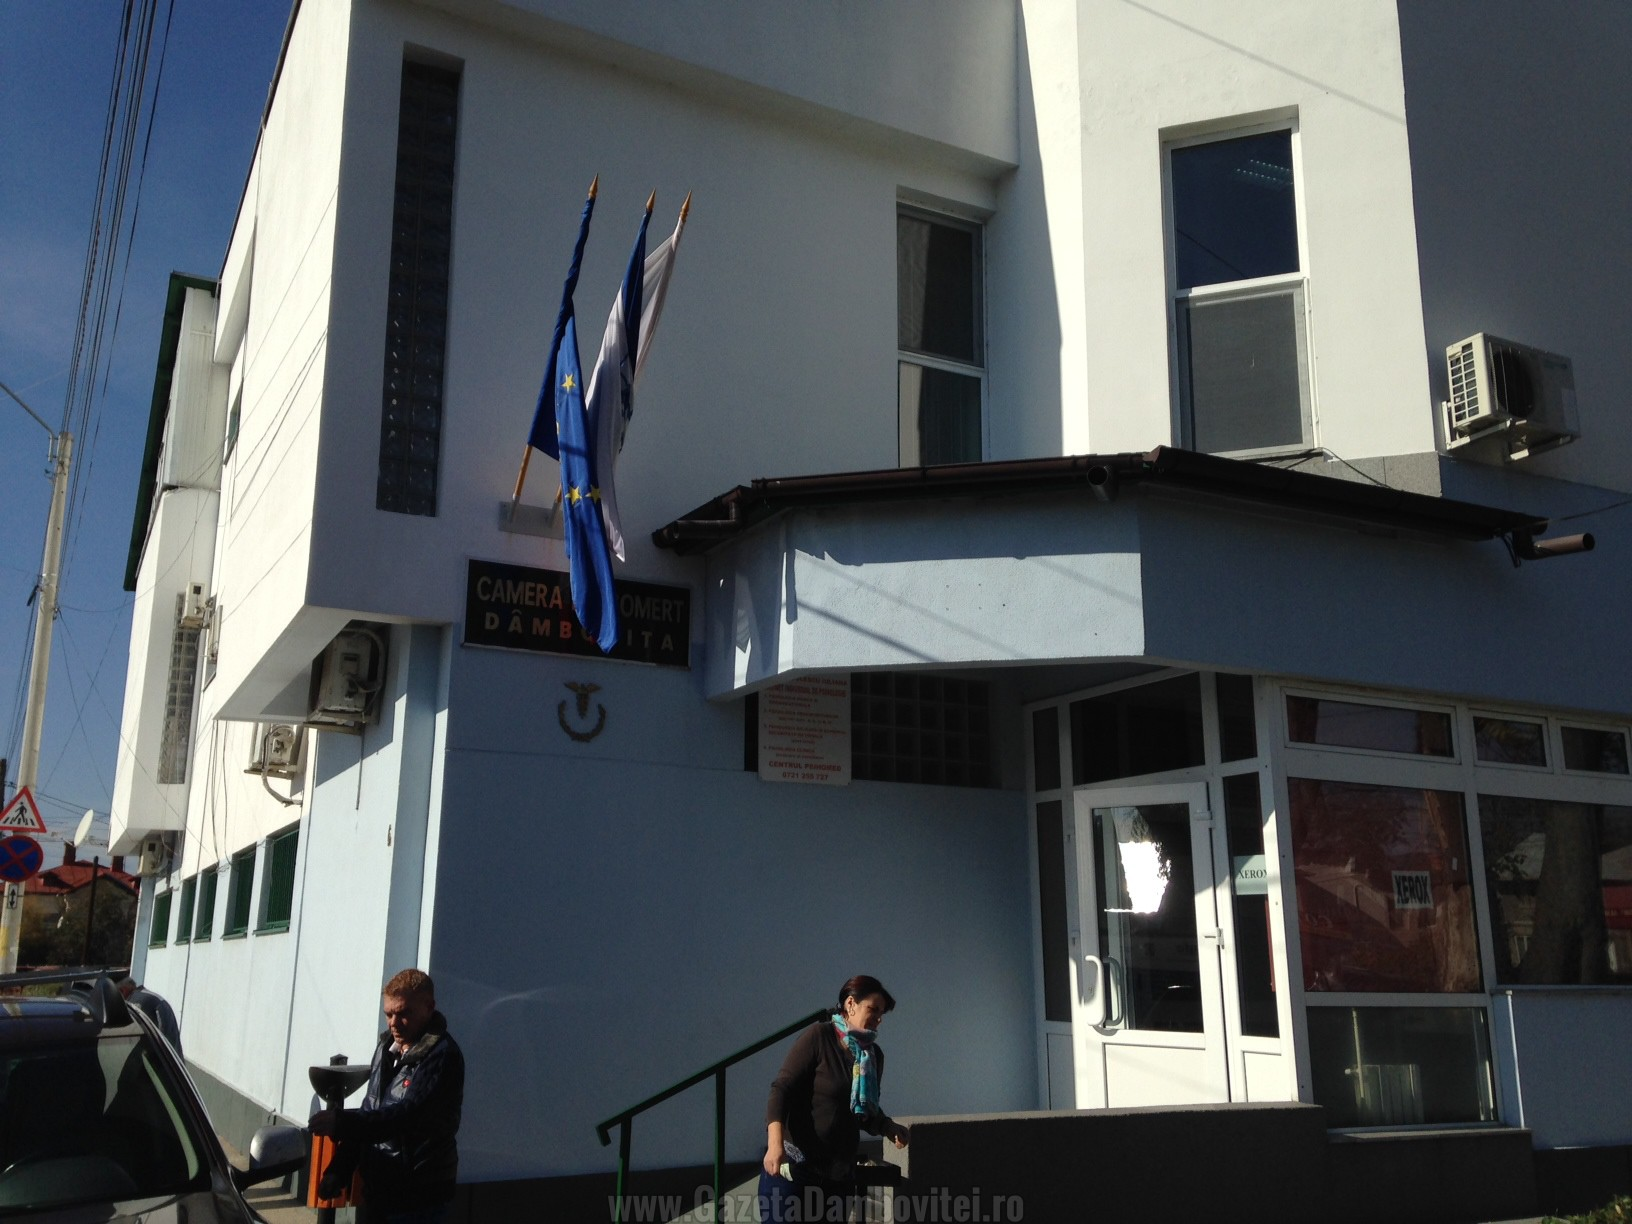 Calcan propune ca Registrul Comerțului să se mute înapoi în clădirea Camerei de Comerţ. Registrul stă cu chirie, iar Camera este jumătate goală